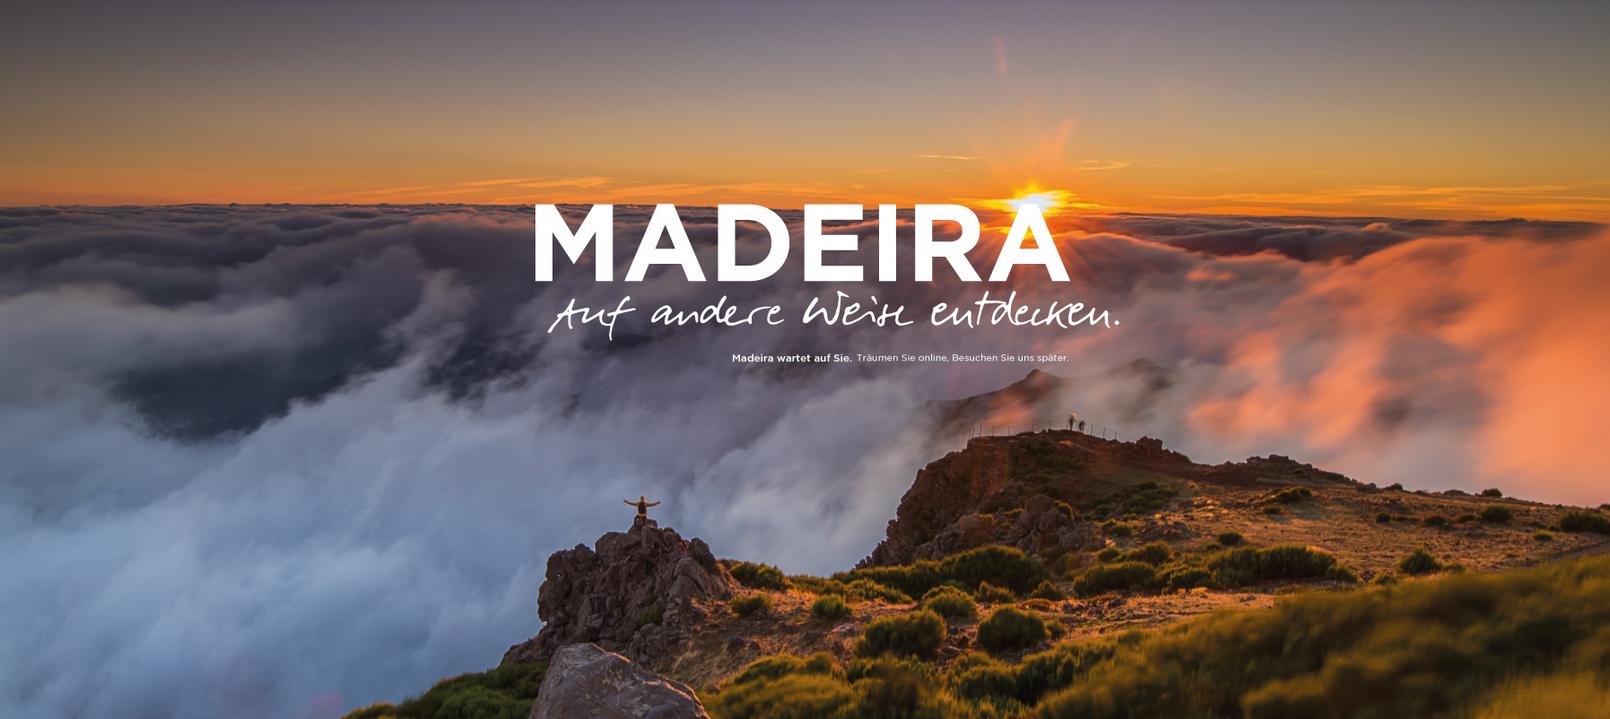 Imagefilm | Madeira auf andere Weise entdecken